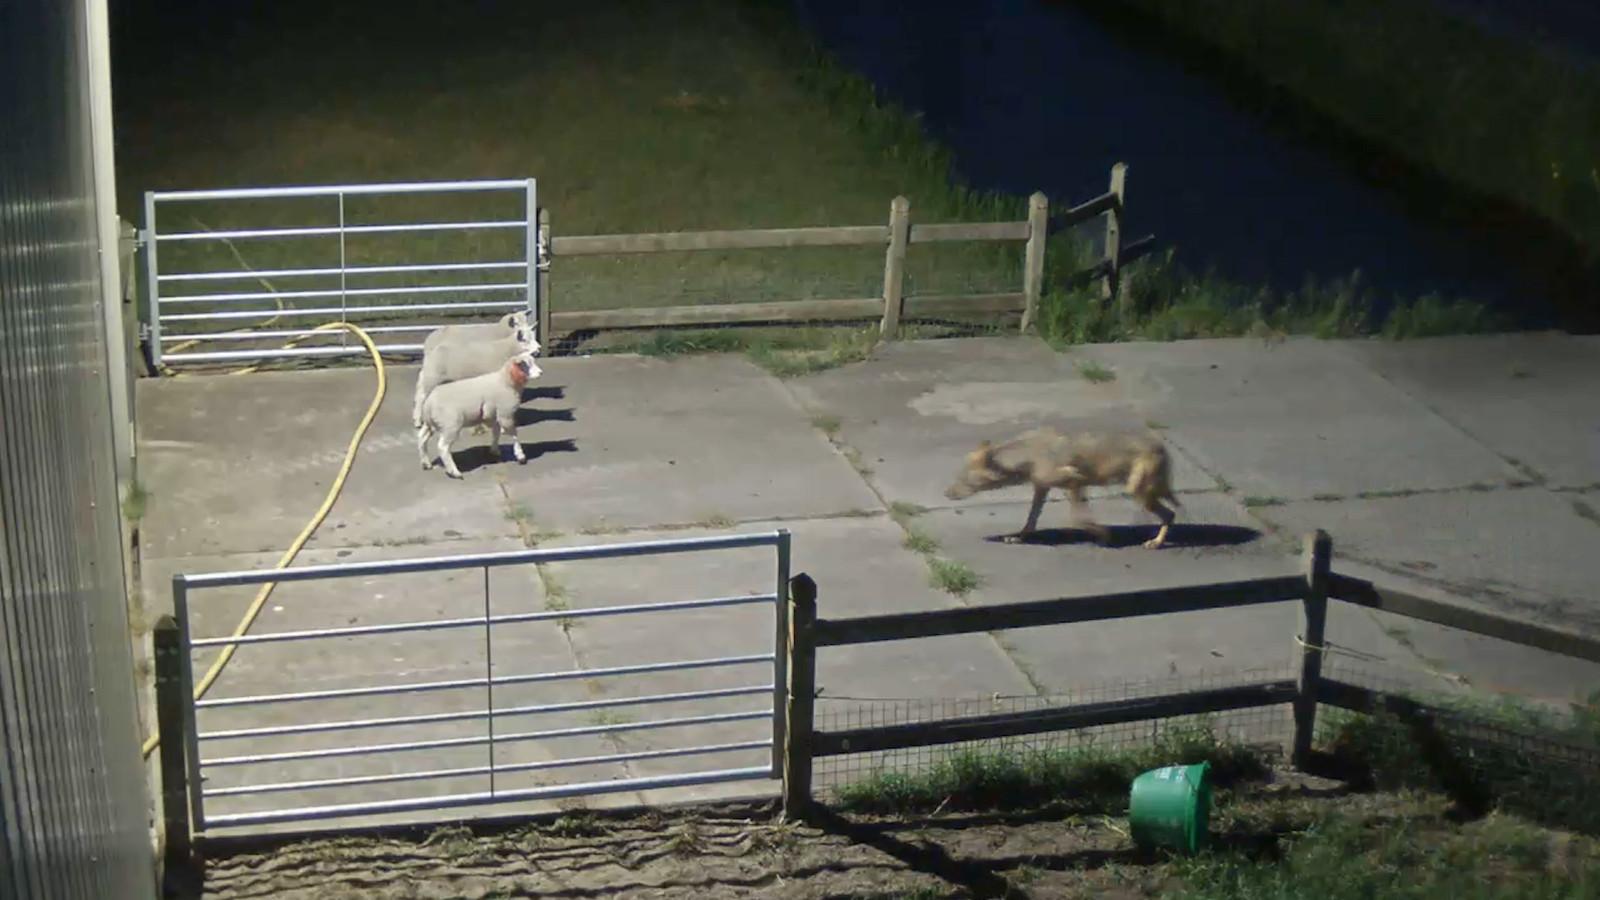 De aanval van wolf Billy kreeg nationale aandacht nadat zijn aanval op schapen in Vlijmen haarfijn werd vastgelegd op camera.